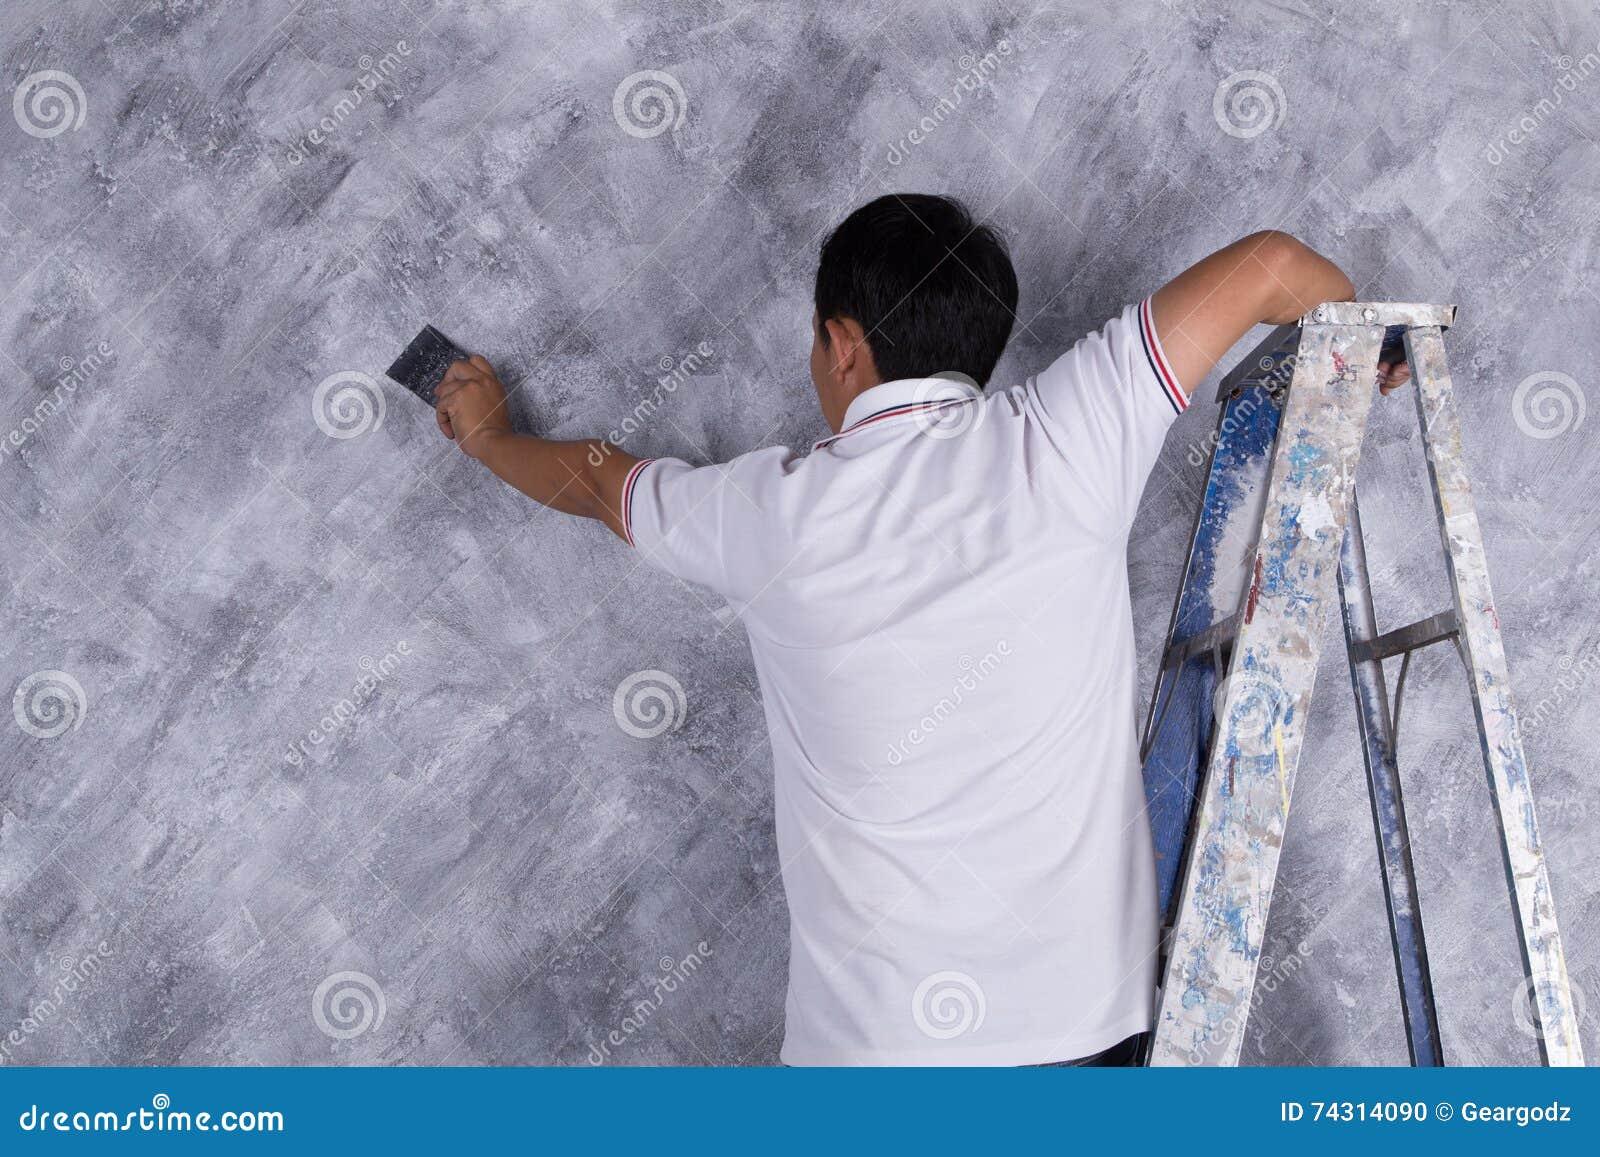 Estilos de pintura para paredes dormitorios de estilo - Estilos de pintura para paredes ...